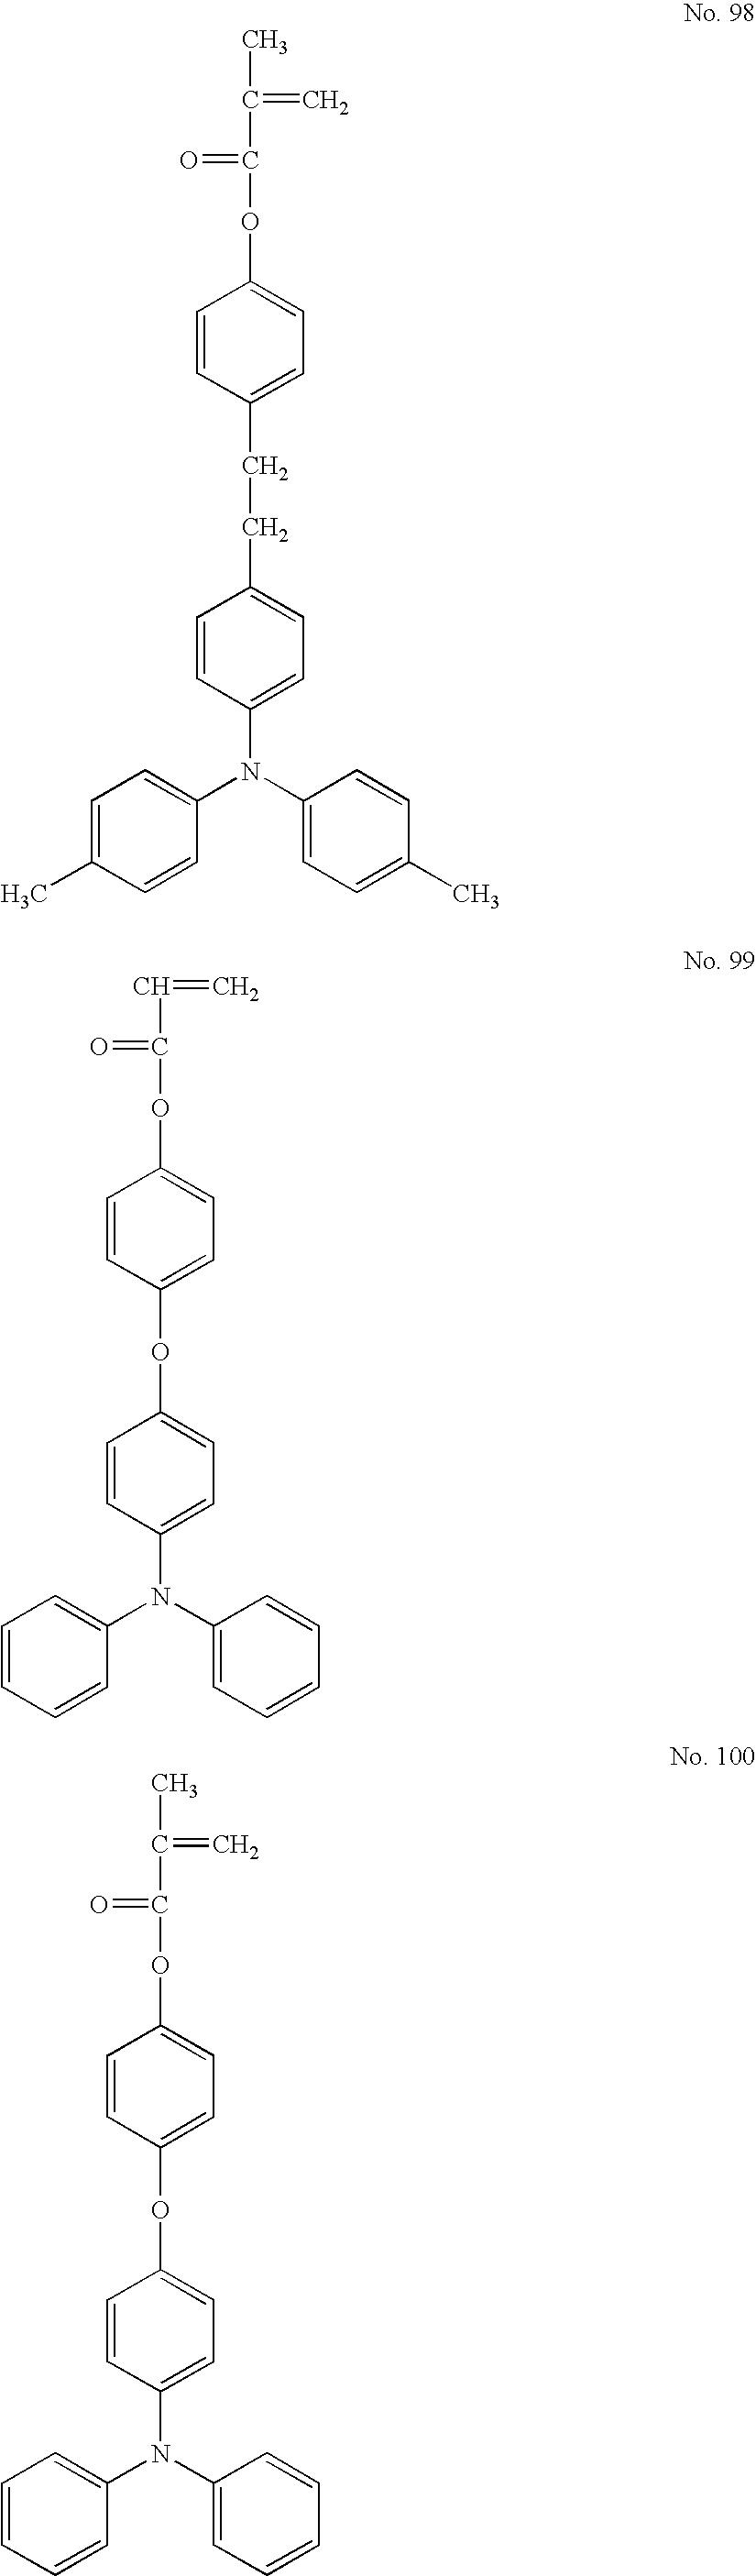 Figure US07824830-20101102-C00049